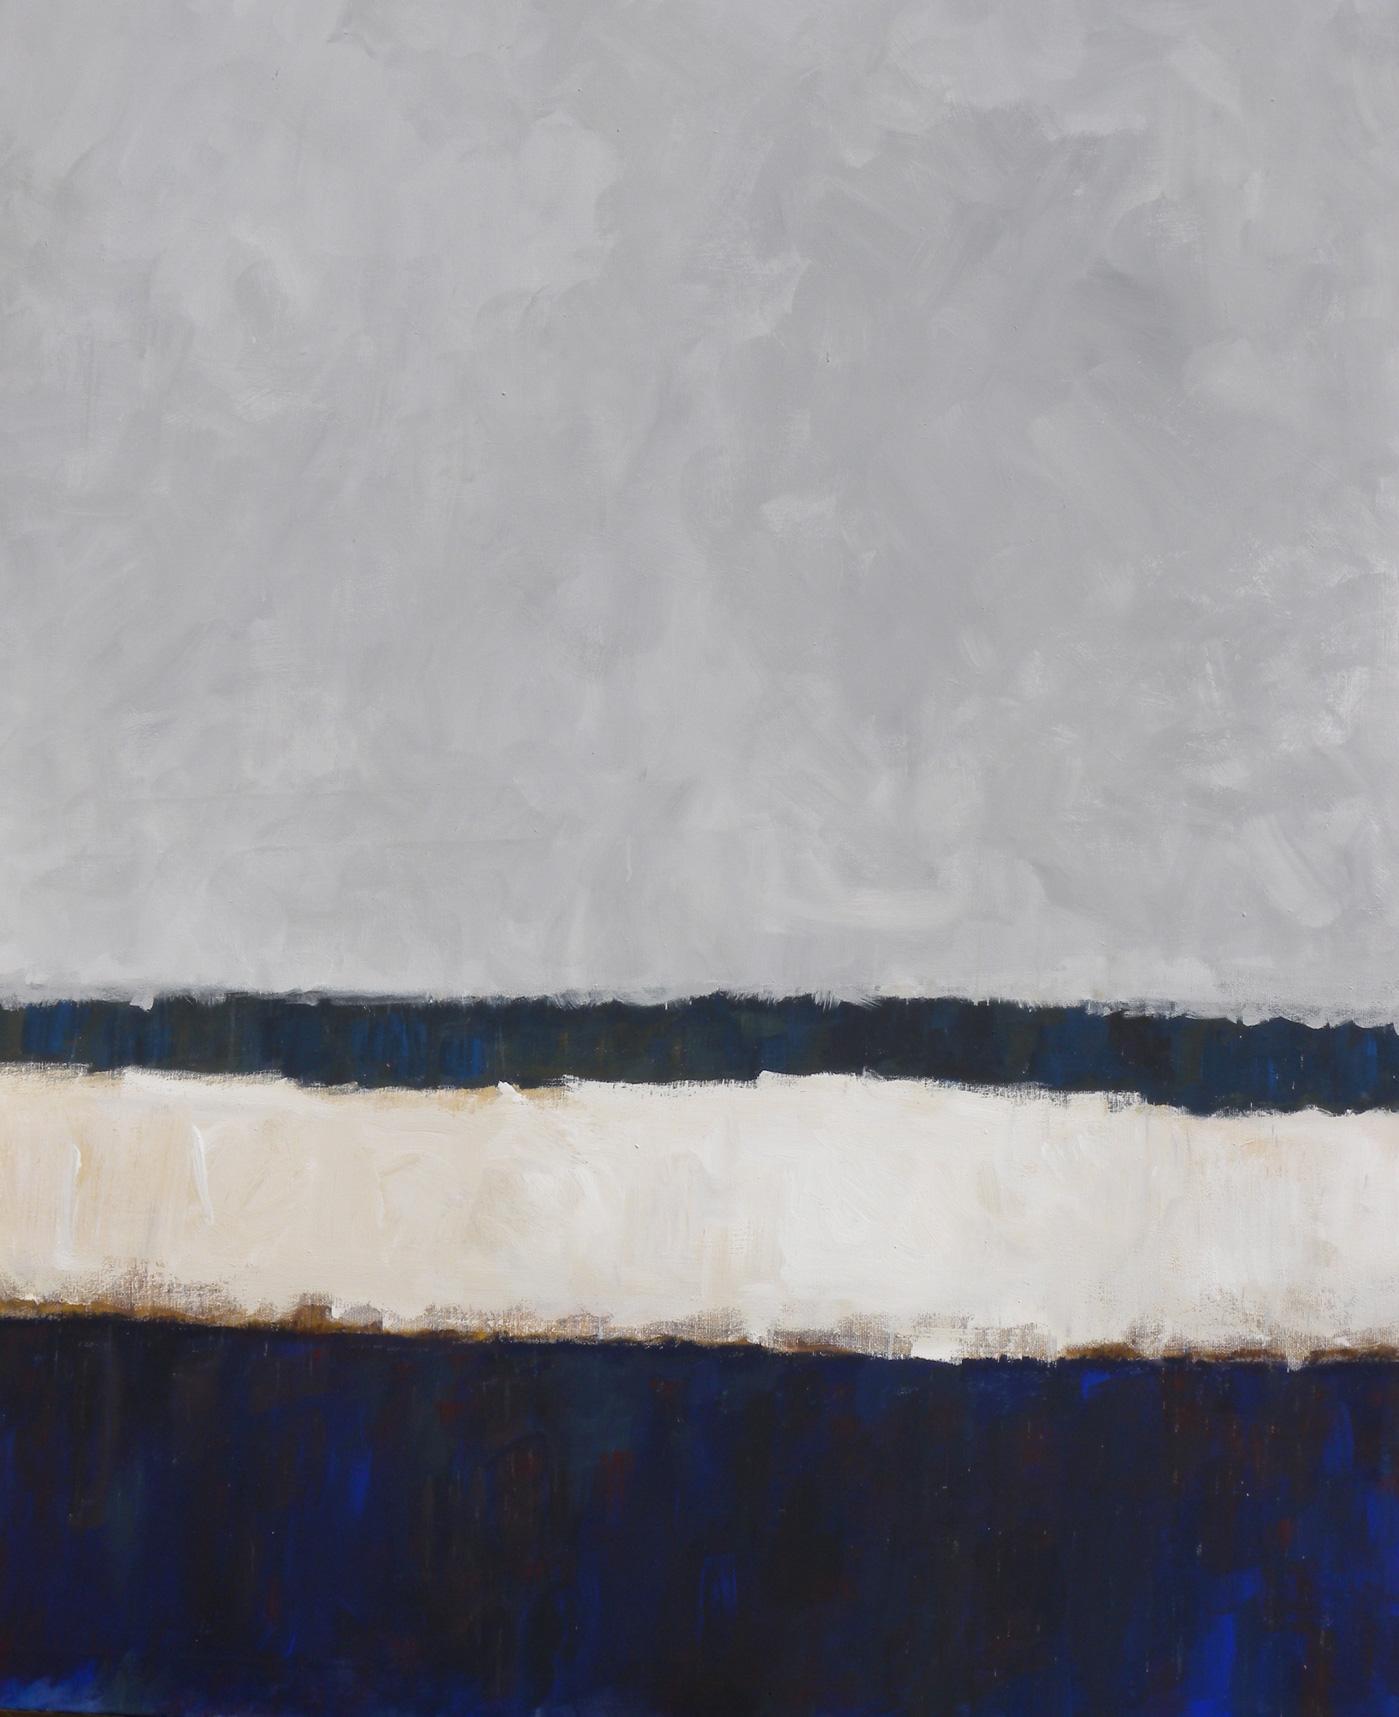 N° 70 - Bord de mer languedocien - Acrylique sur toile - 180 x 145 cm - 22 décembre 2012